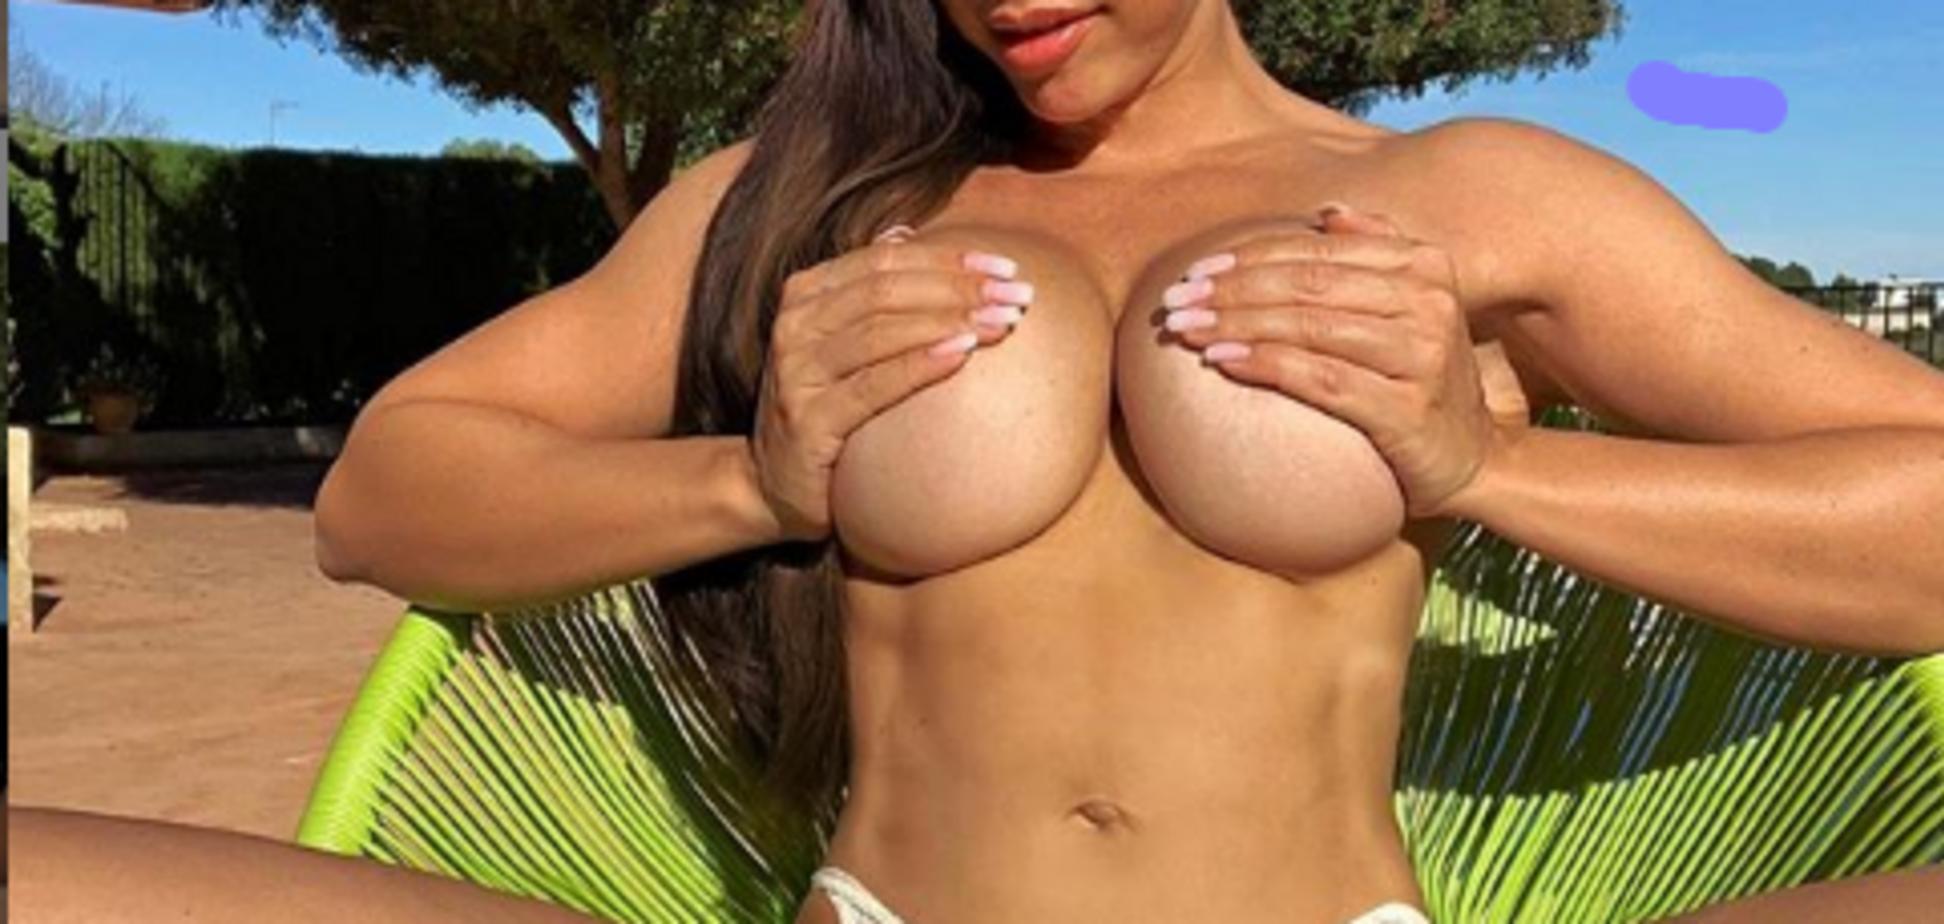 Фітнес-модель відсвяткувала мільйонного фоловера дивним голим відео